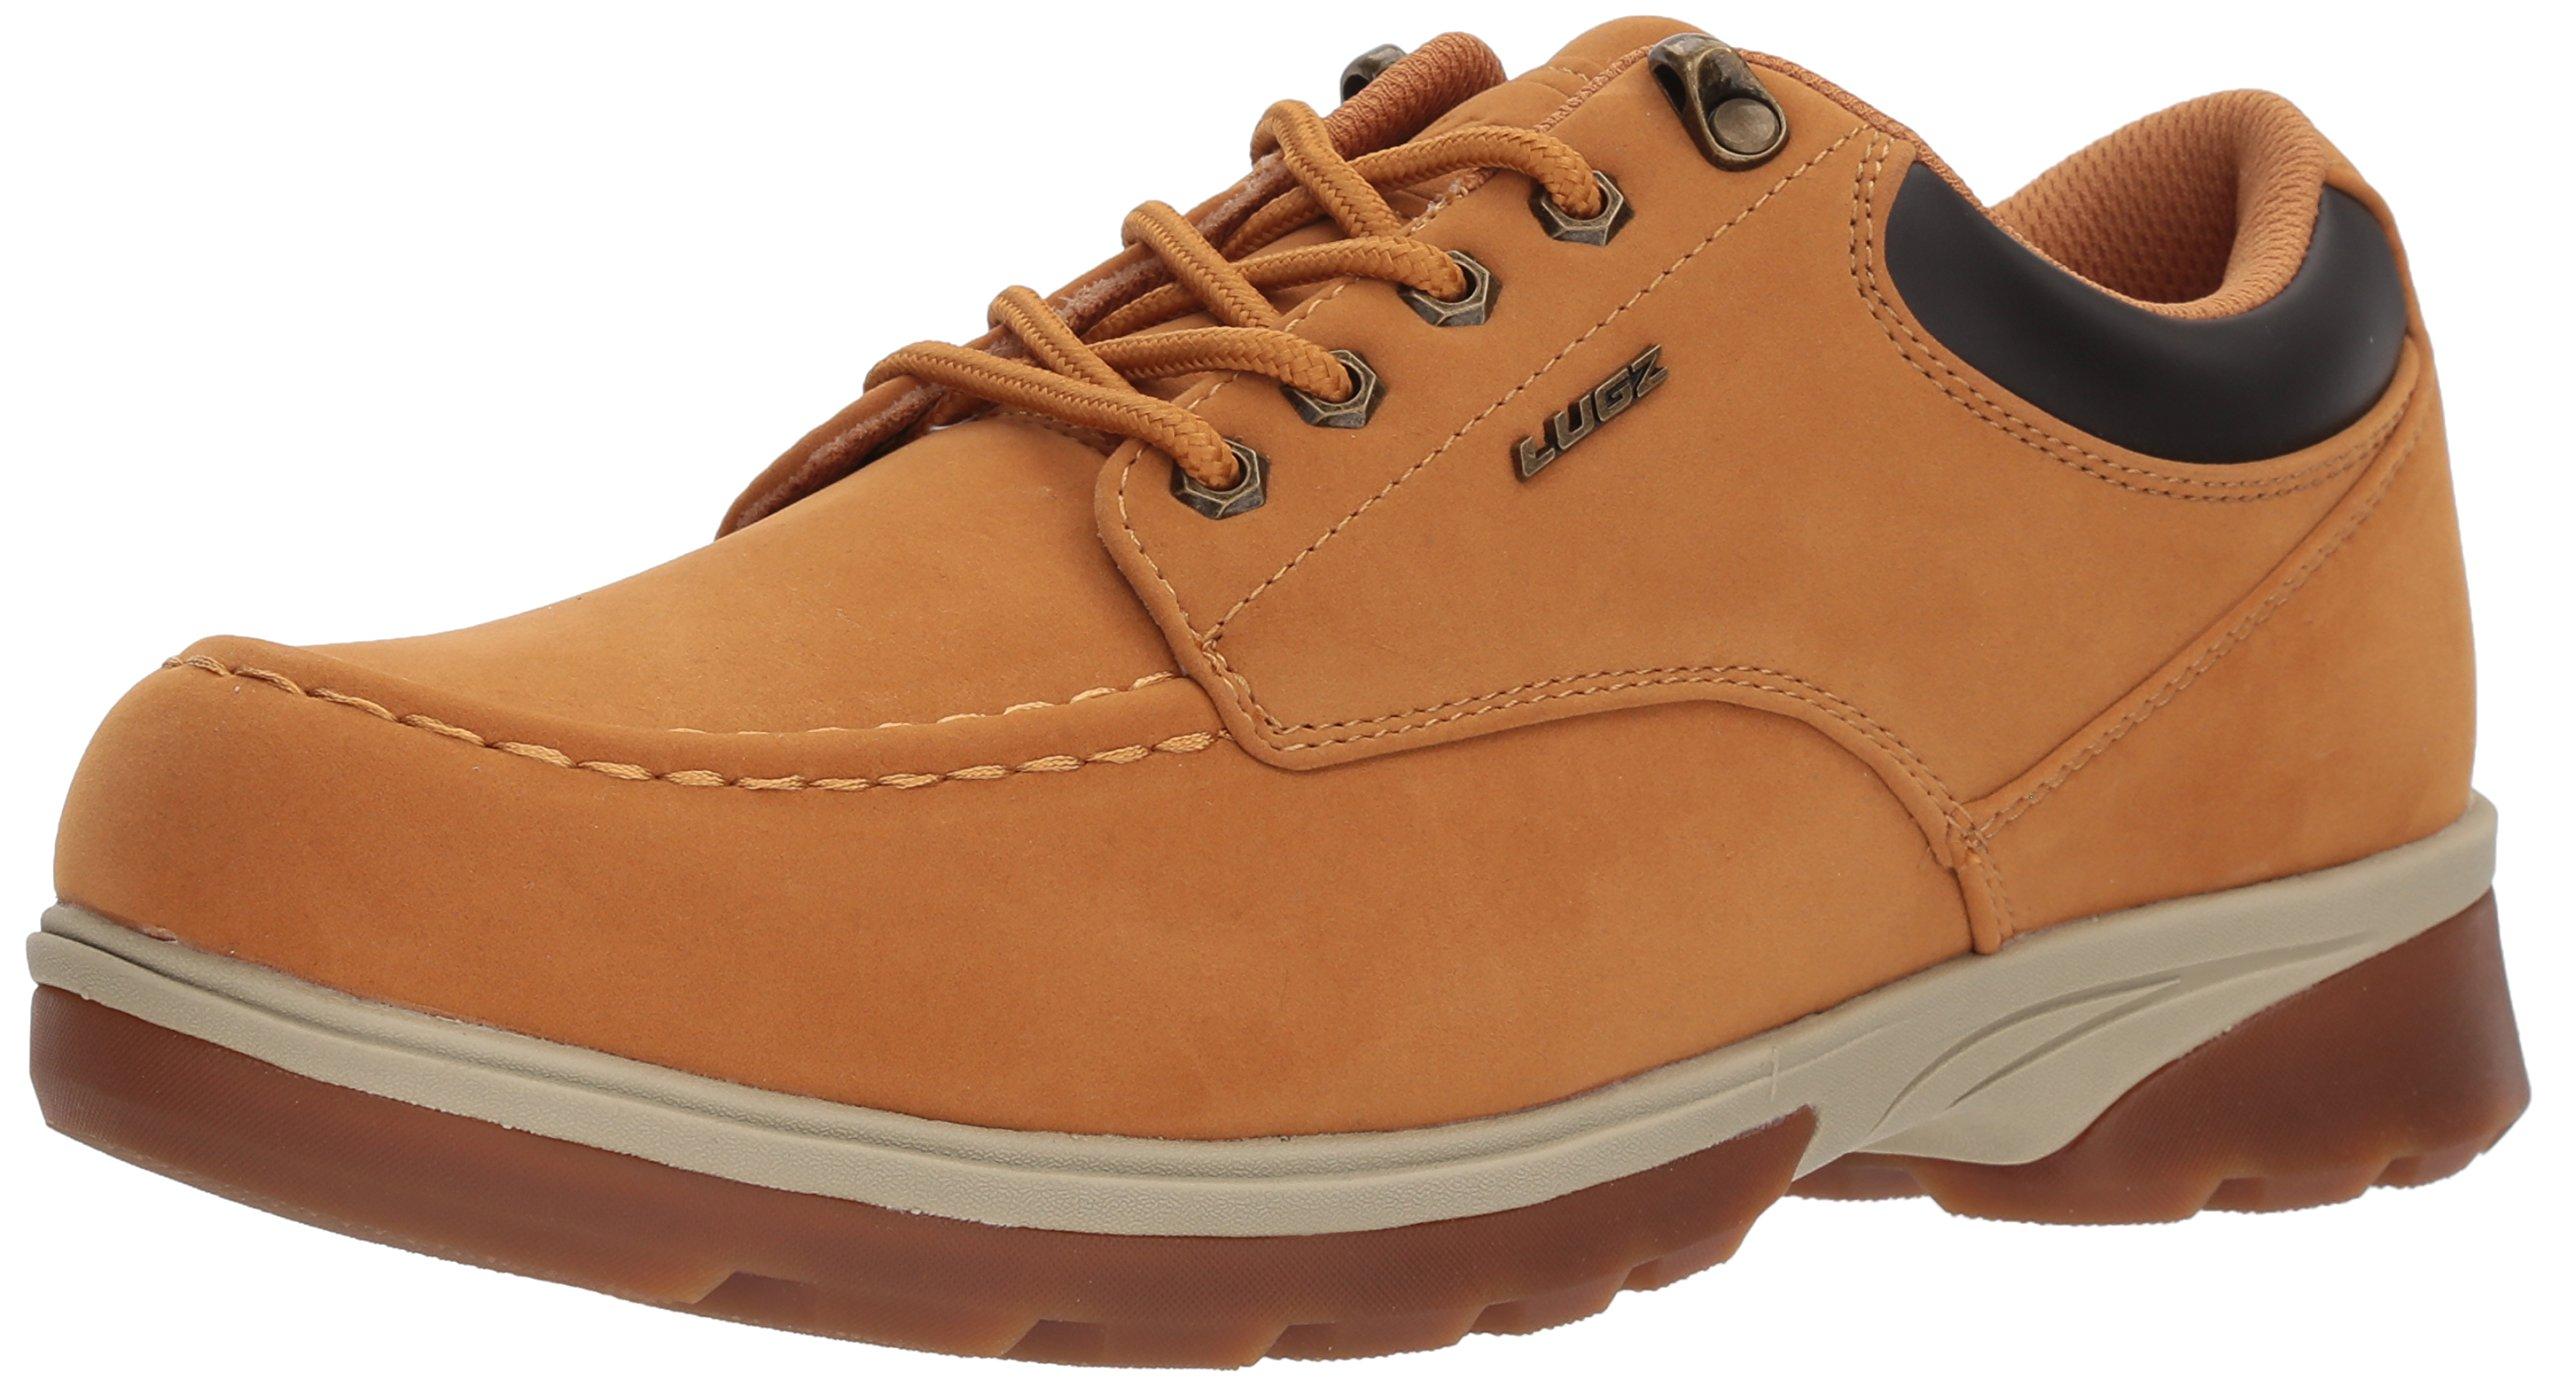 Lugz Men's Stack LO Oxford Boot, Golden Wheat/Cream/bark/Gum, 12 D US